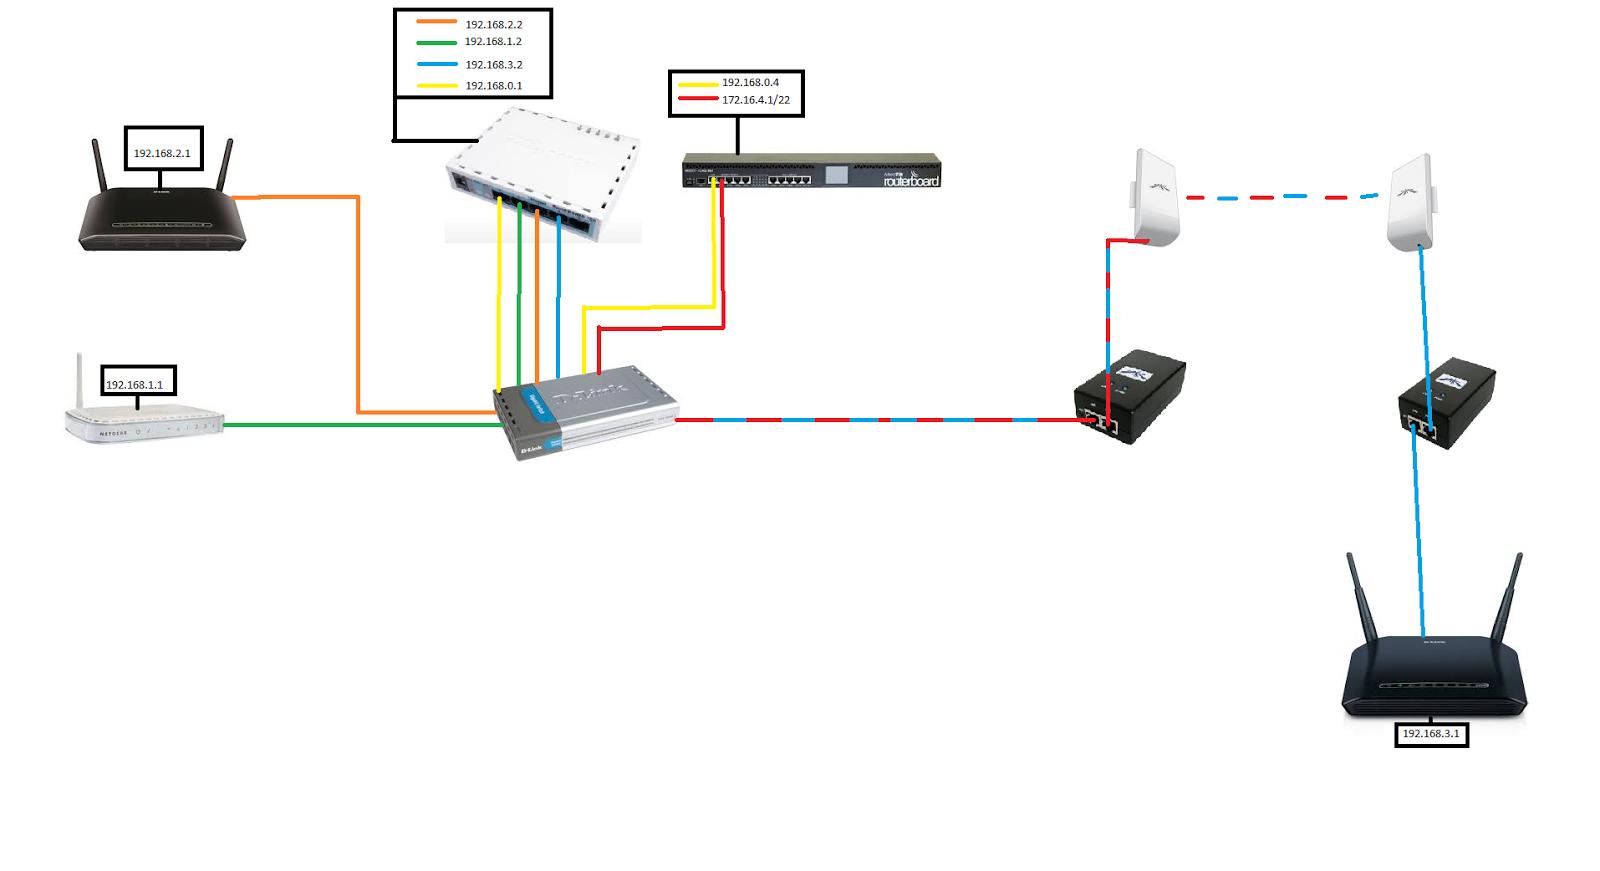 nano station m2 m5 loco manual Enlaces wifi de larga distancia para amplificar la señal, manual configuración antenas ubiquiti nanostation m2 ap.